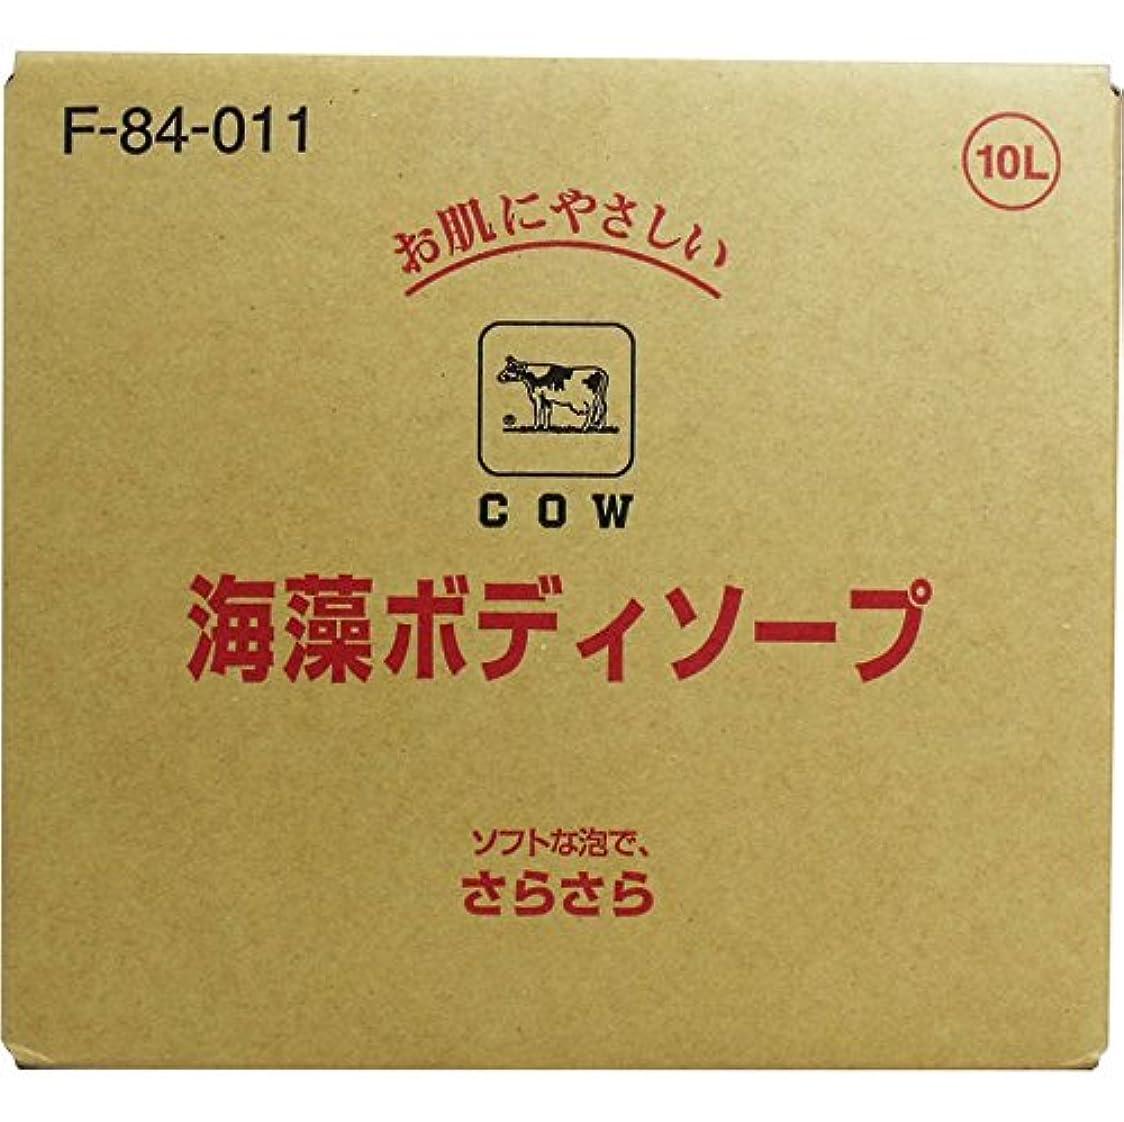 クロールニンニク肉腫ボディ 石けん詰め替え さらさらした洗い心地 便利商品 牛乳ブランド 海藻ボディソープ 業務用 10L